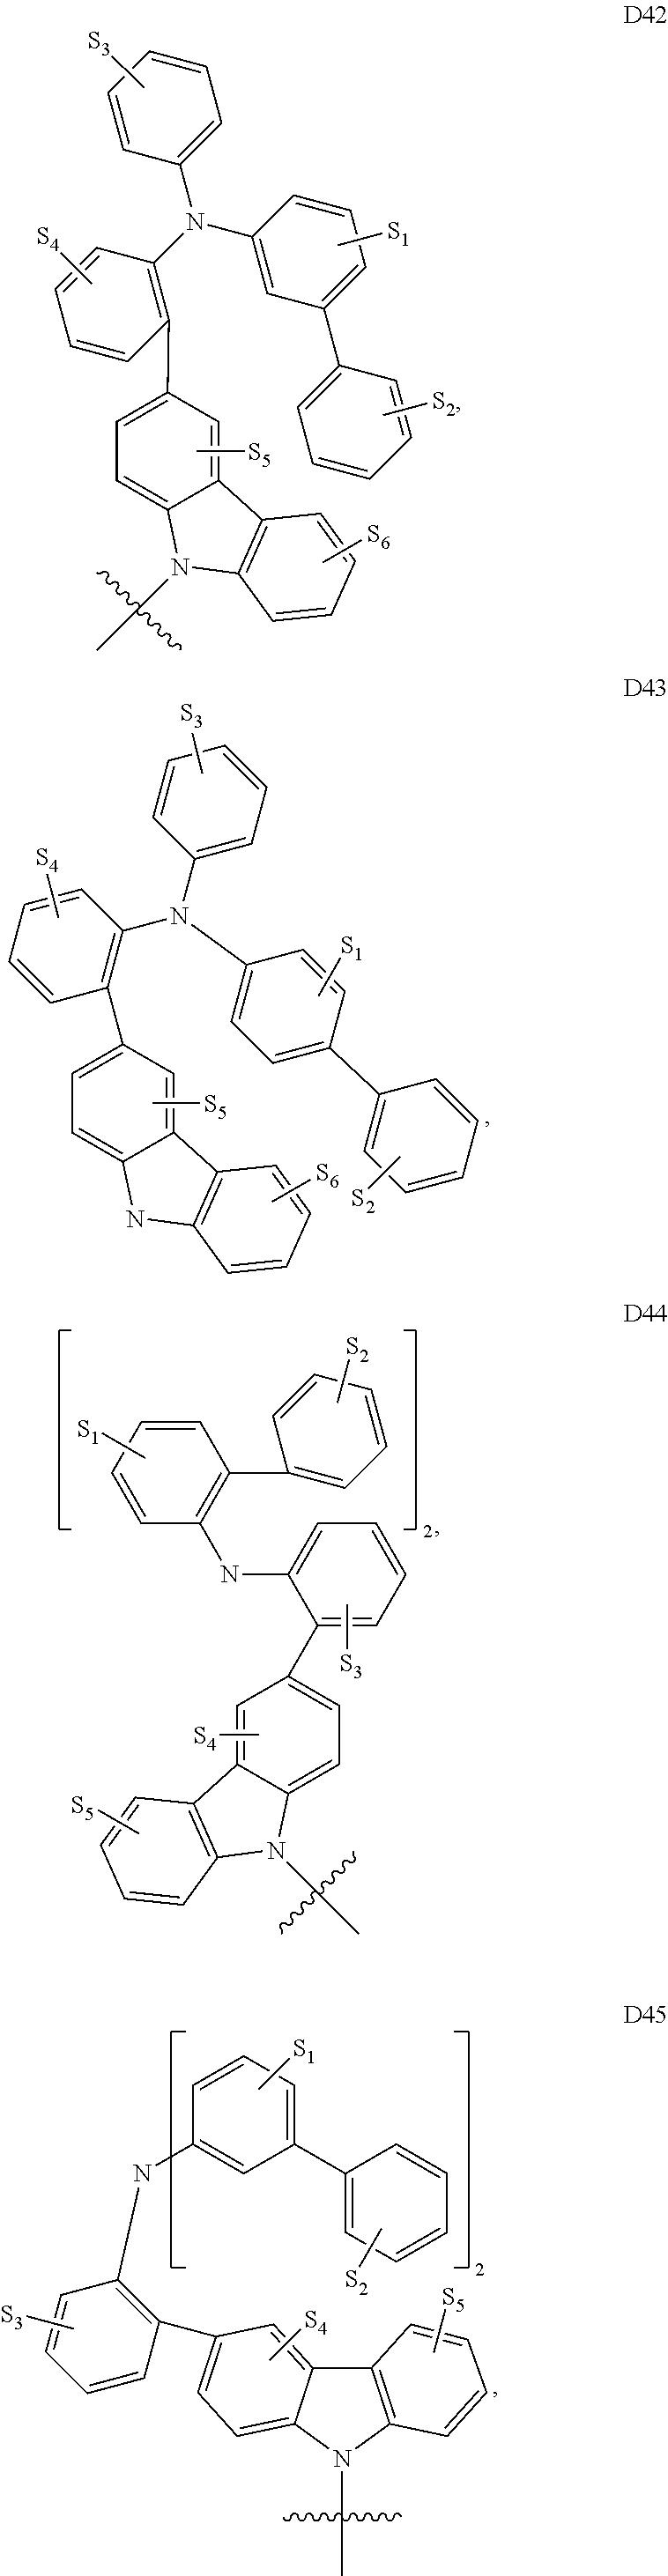 Figure US09537106-20170103-C00577